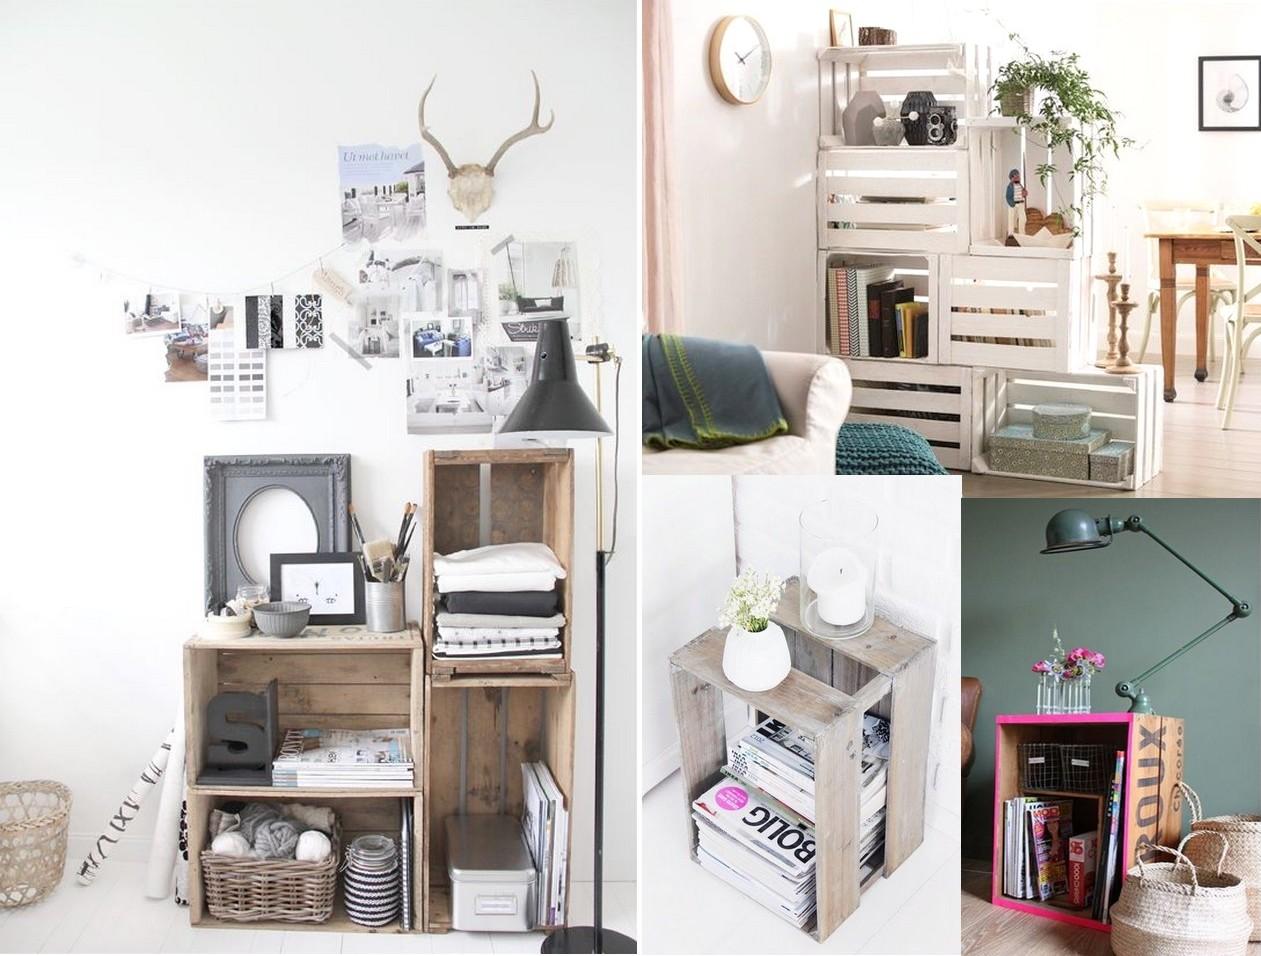 7 ideas para decorar con poco dinero el sal n de tu casa for Paginas para decorar tu casa